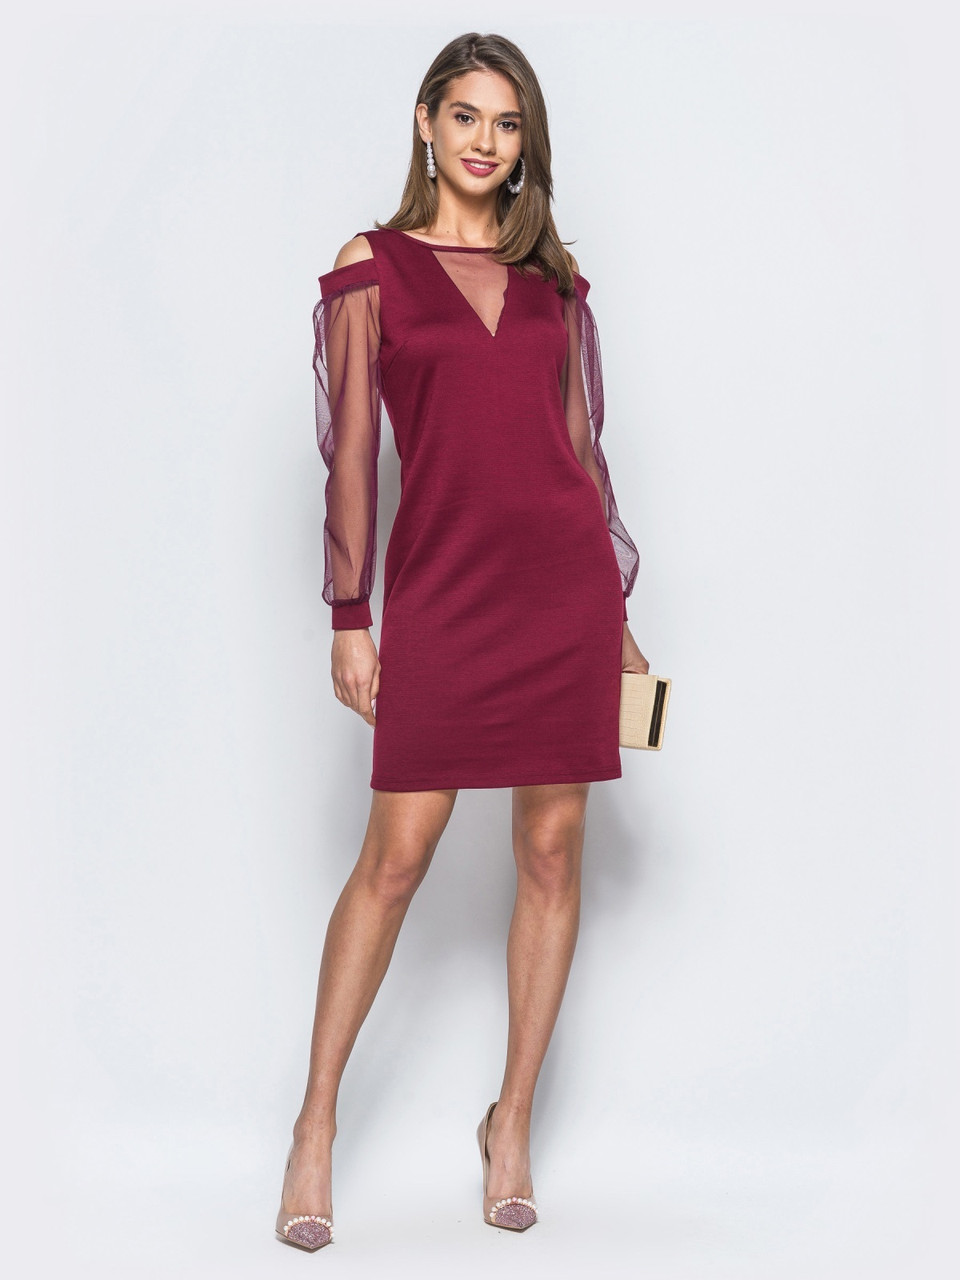 76c3cf24ac8 Элегантное женское трикотажное бордовое платье с открытыми плечами р ...